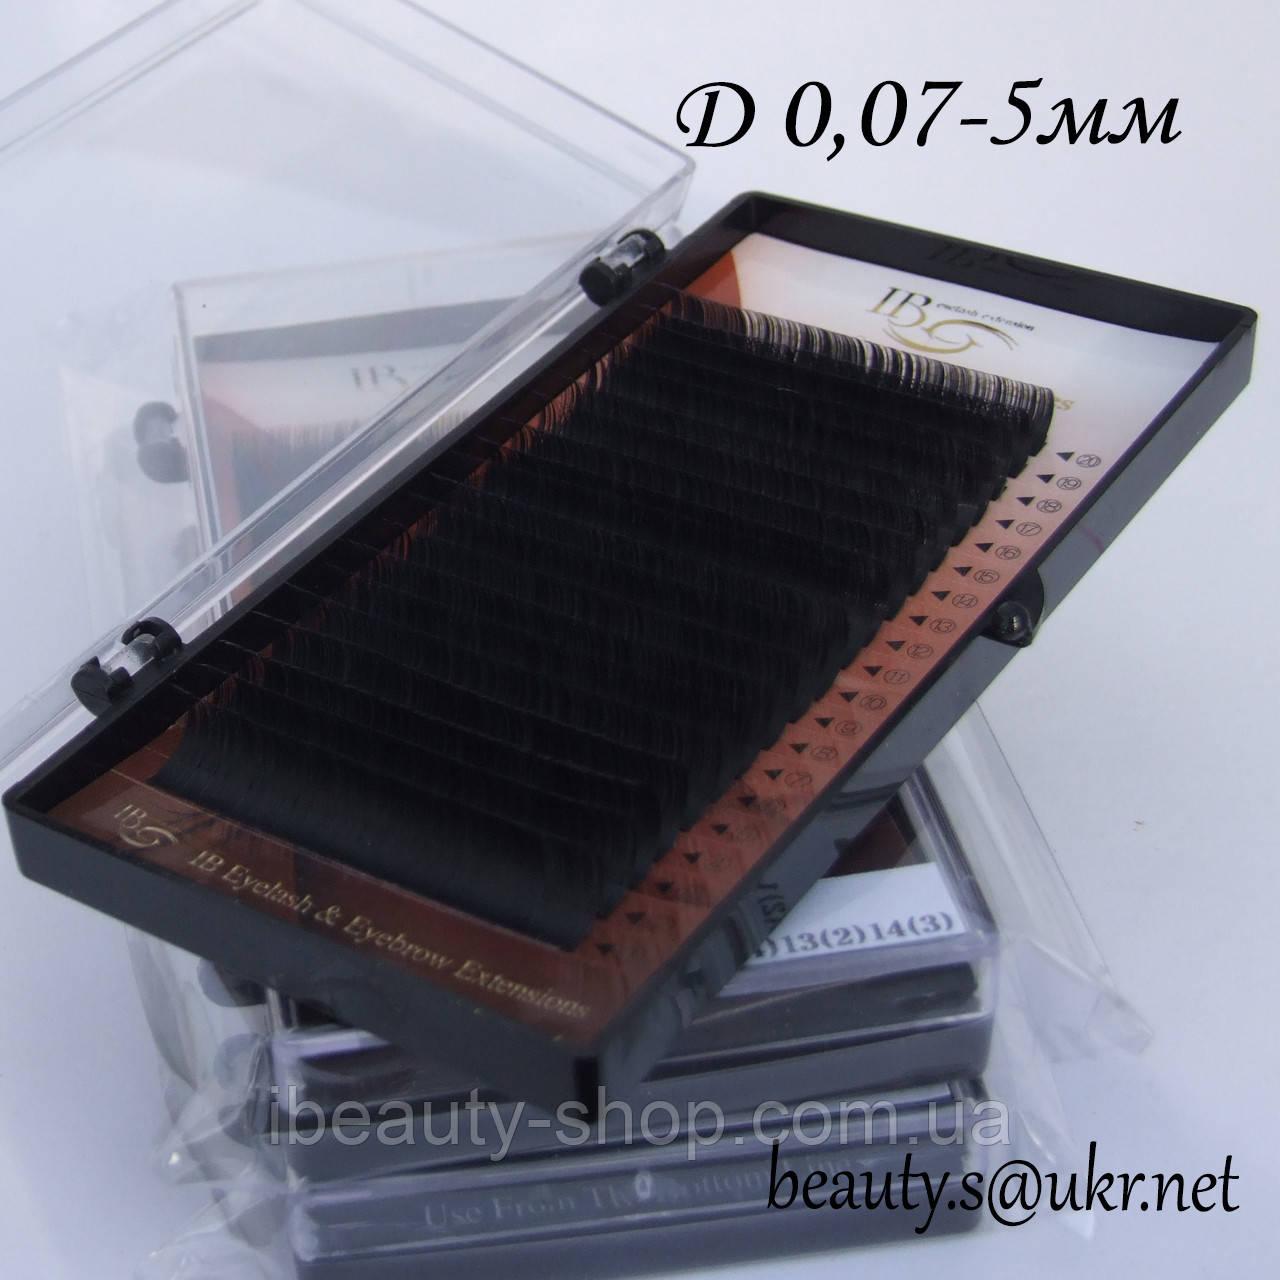 Вії I-Beauty на стрічці D-0,07 5мм